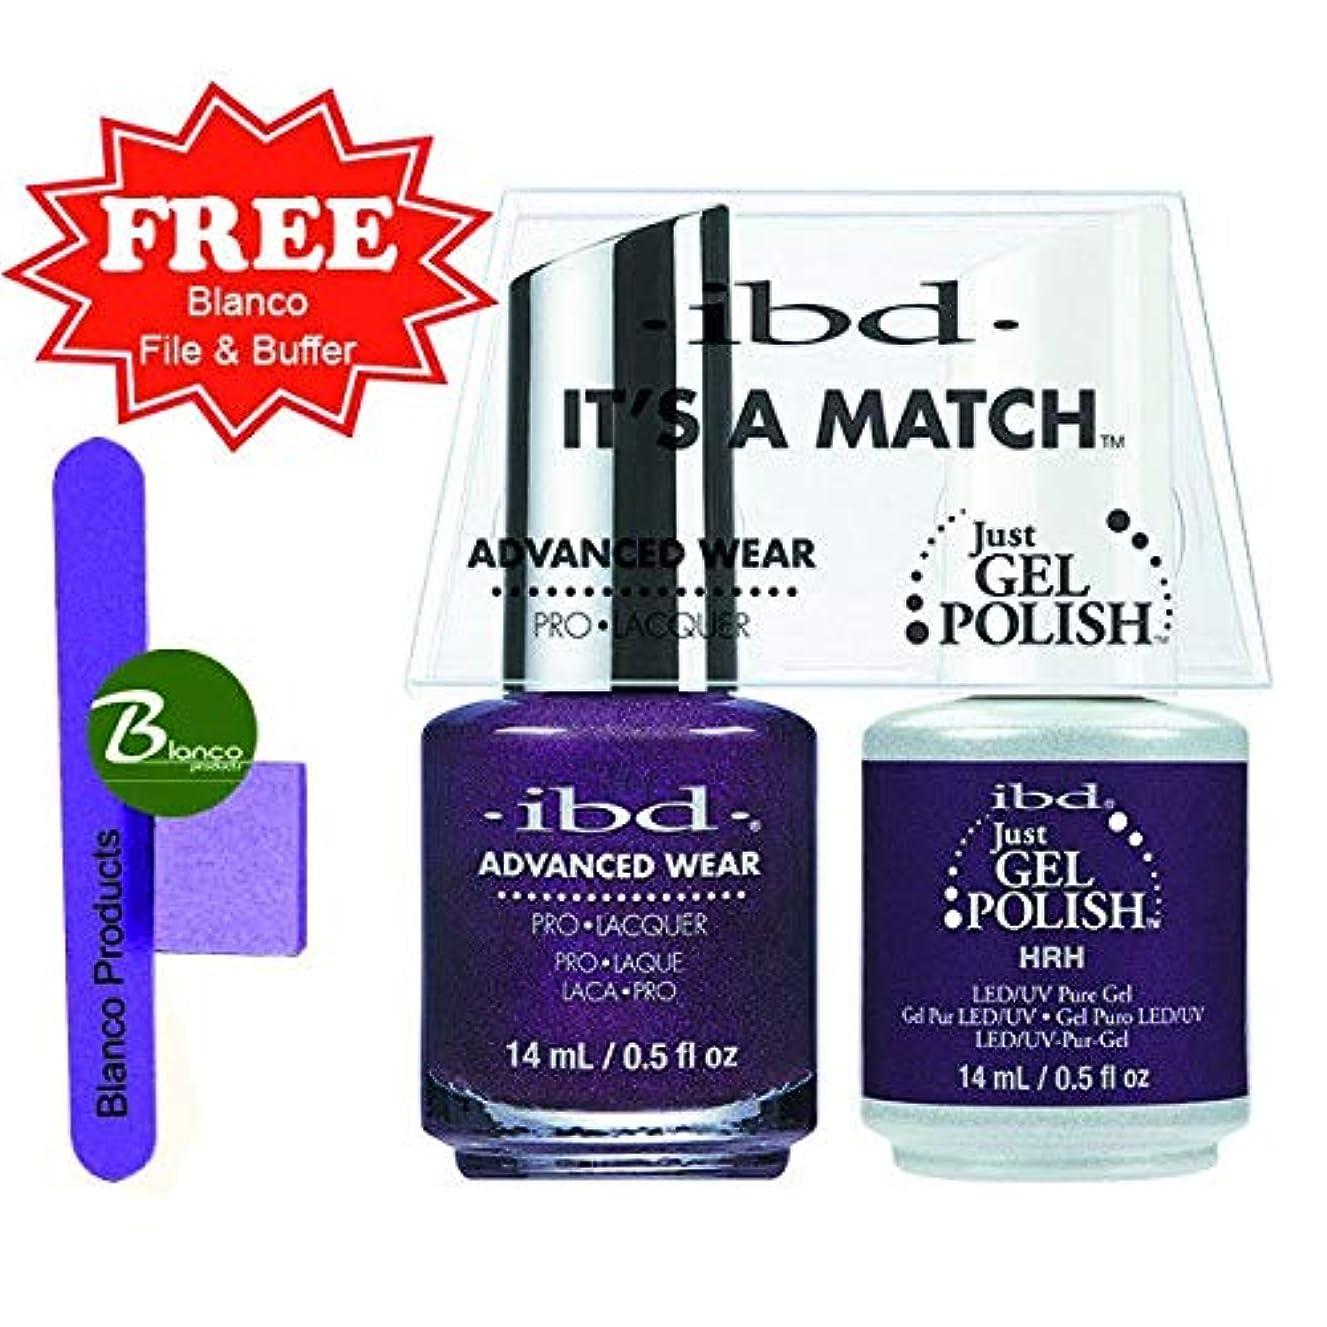 犯罪普及中IBD Advanced Wear -